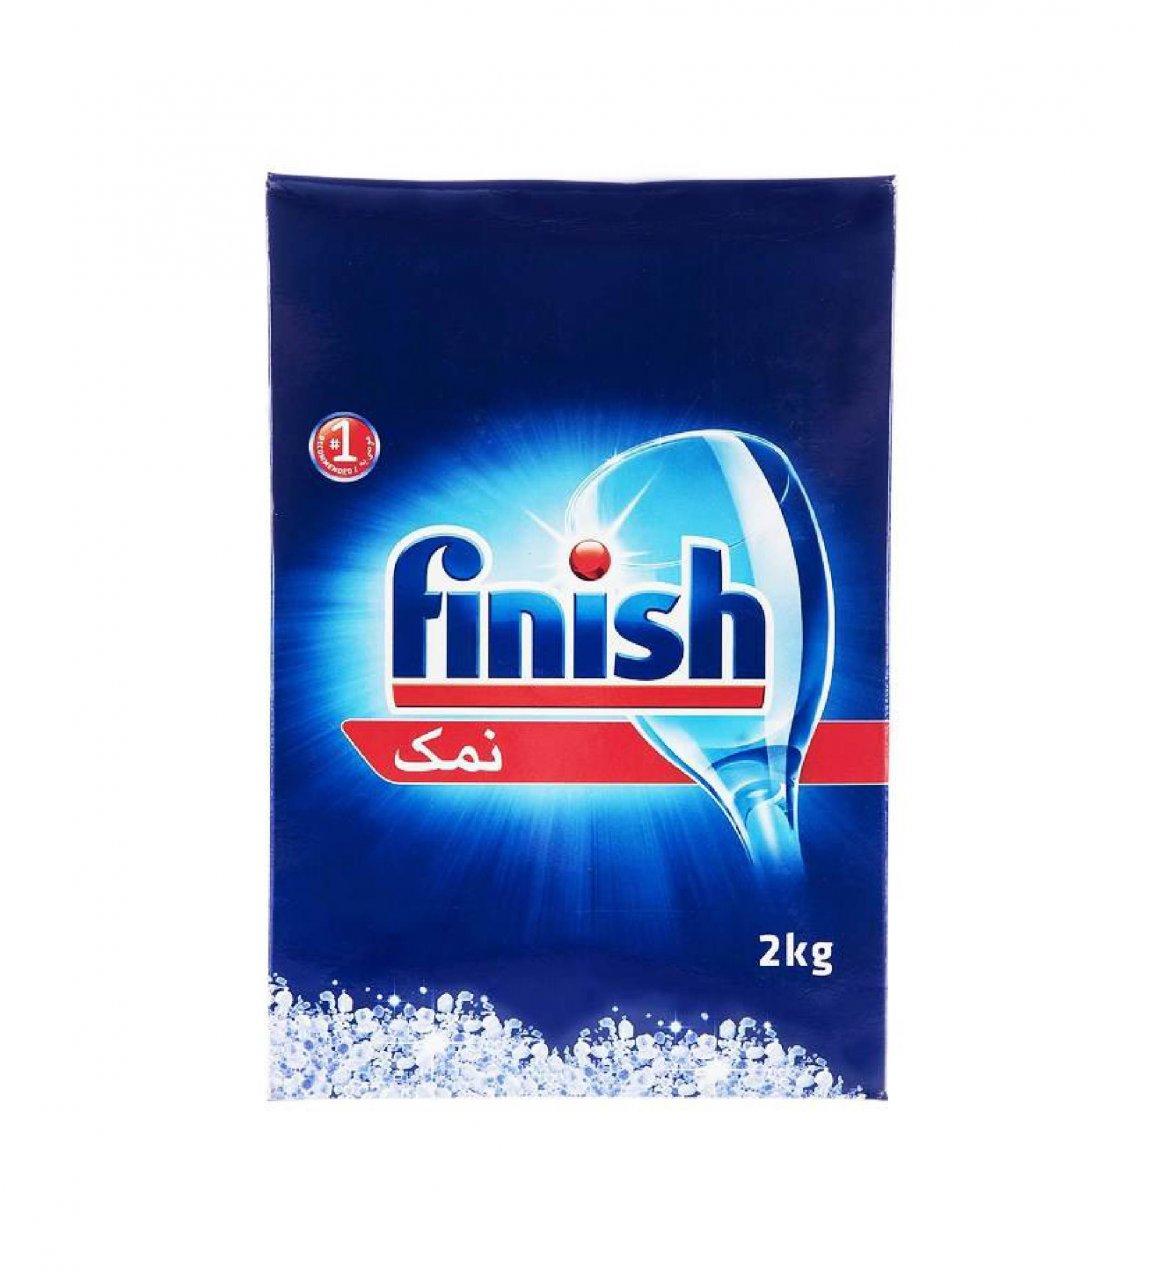 نمک ماشین ظرفشویی فینیش 2 کیلوگرمی